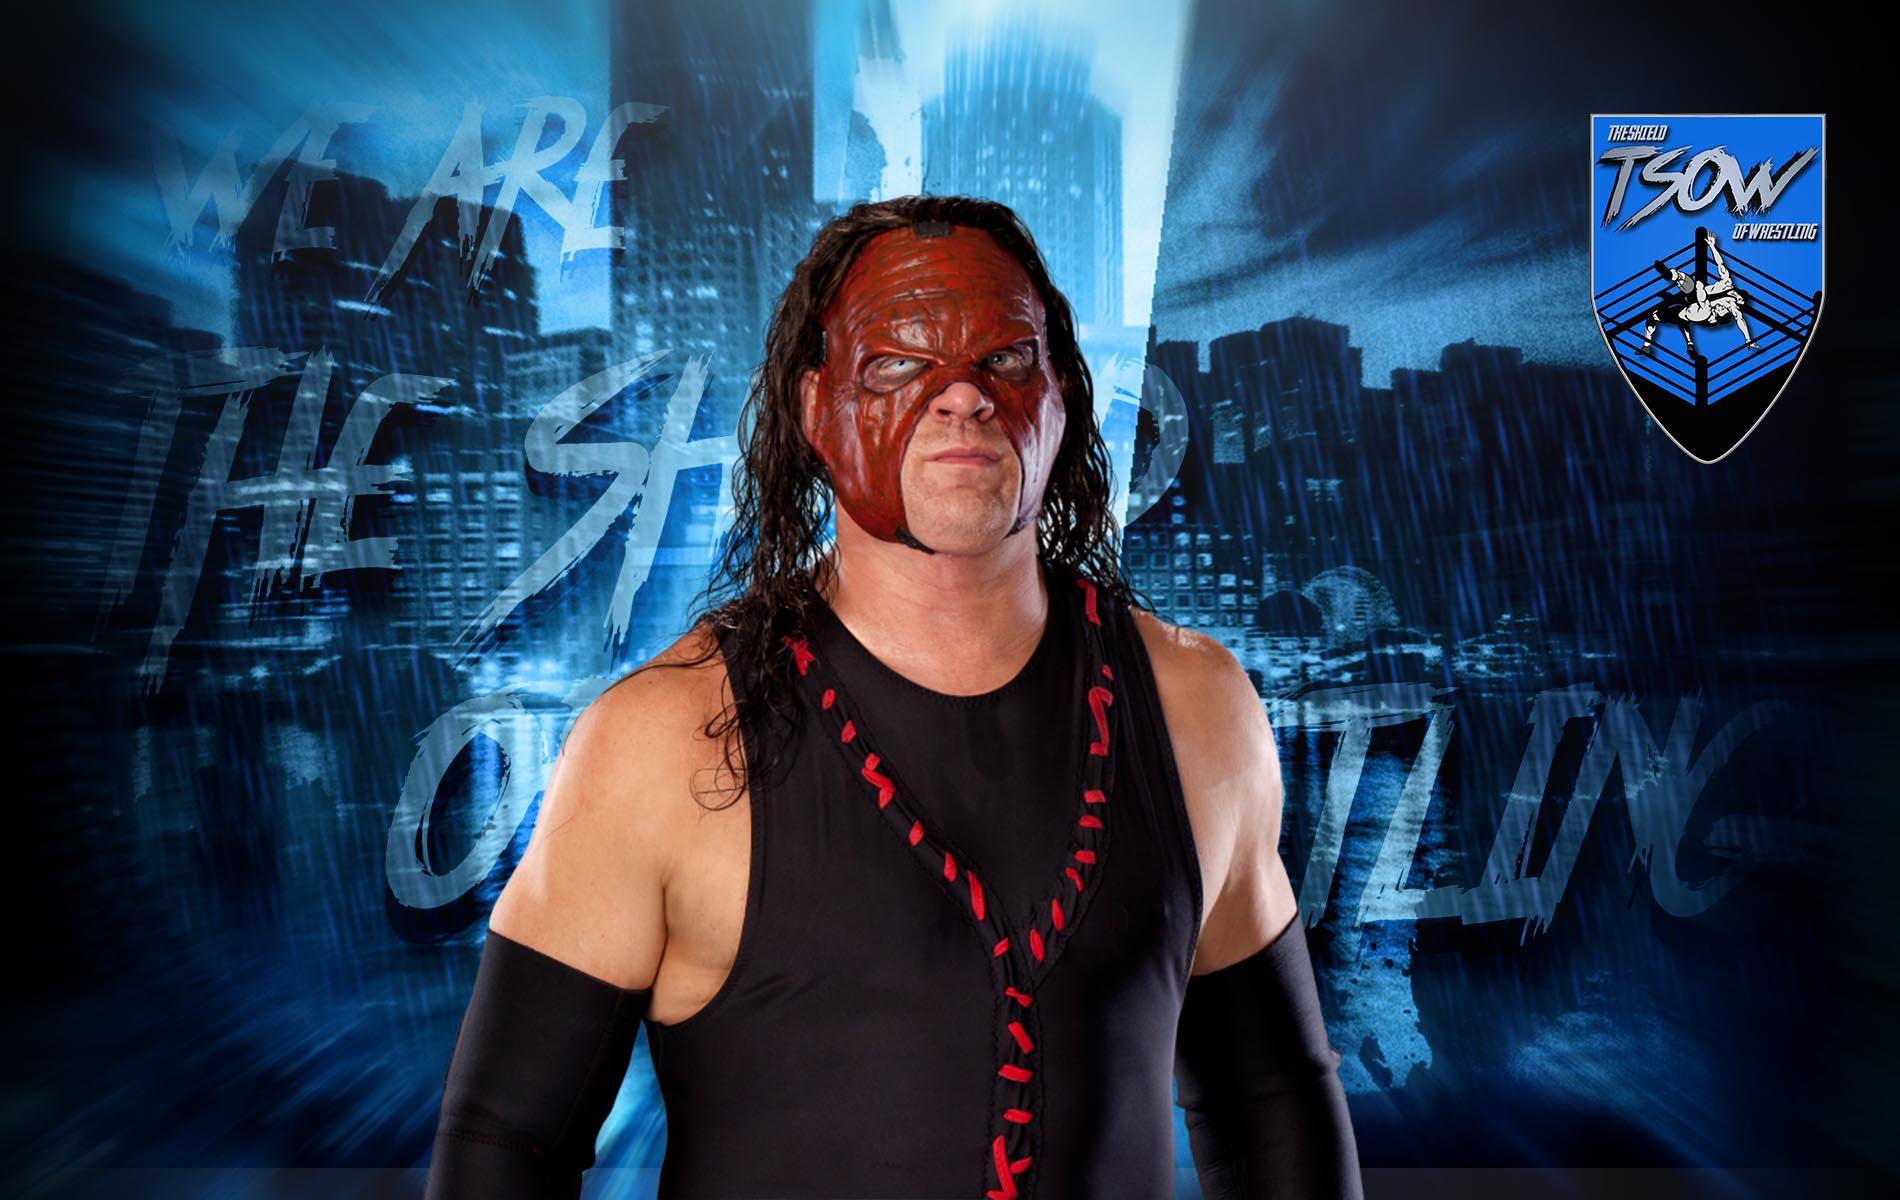 Kane rischia un contraccolpo politico dopo il leak di un video controverso?